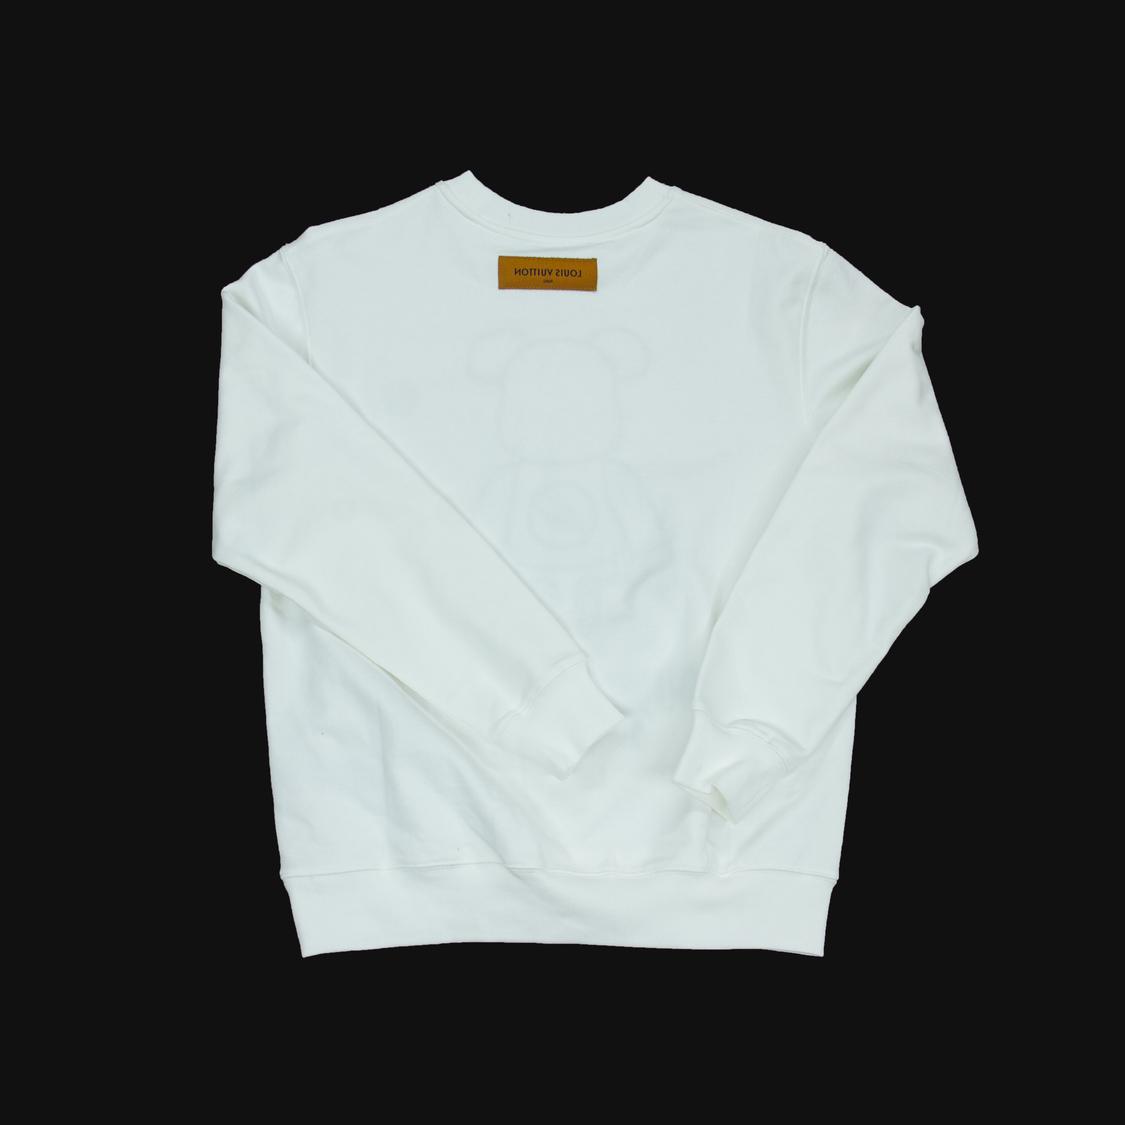 Áo nỉ Louis Vuitton Be@rbrick gấu - trắng